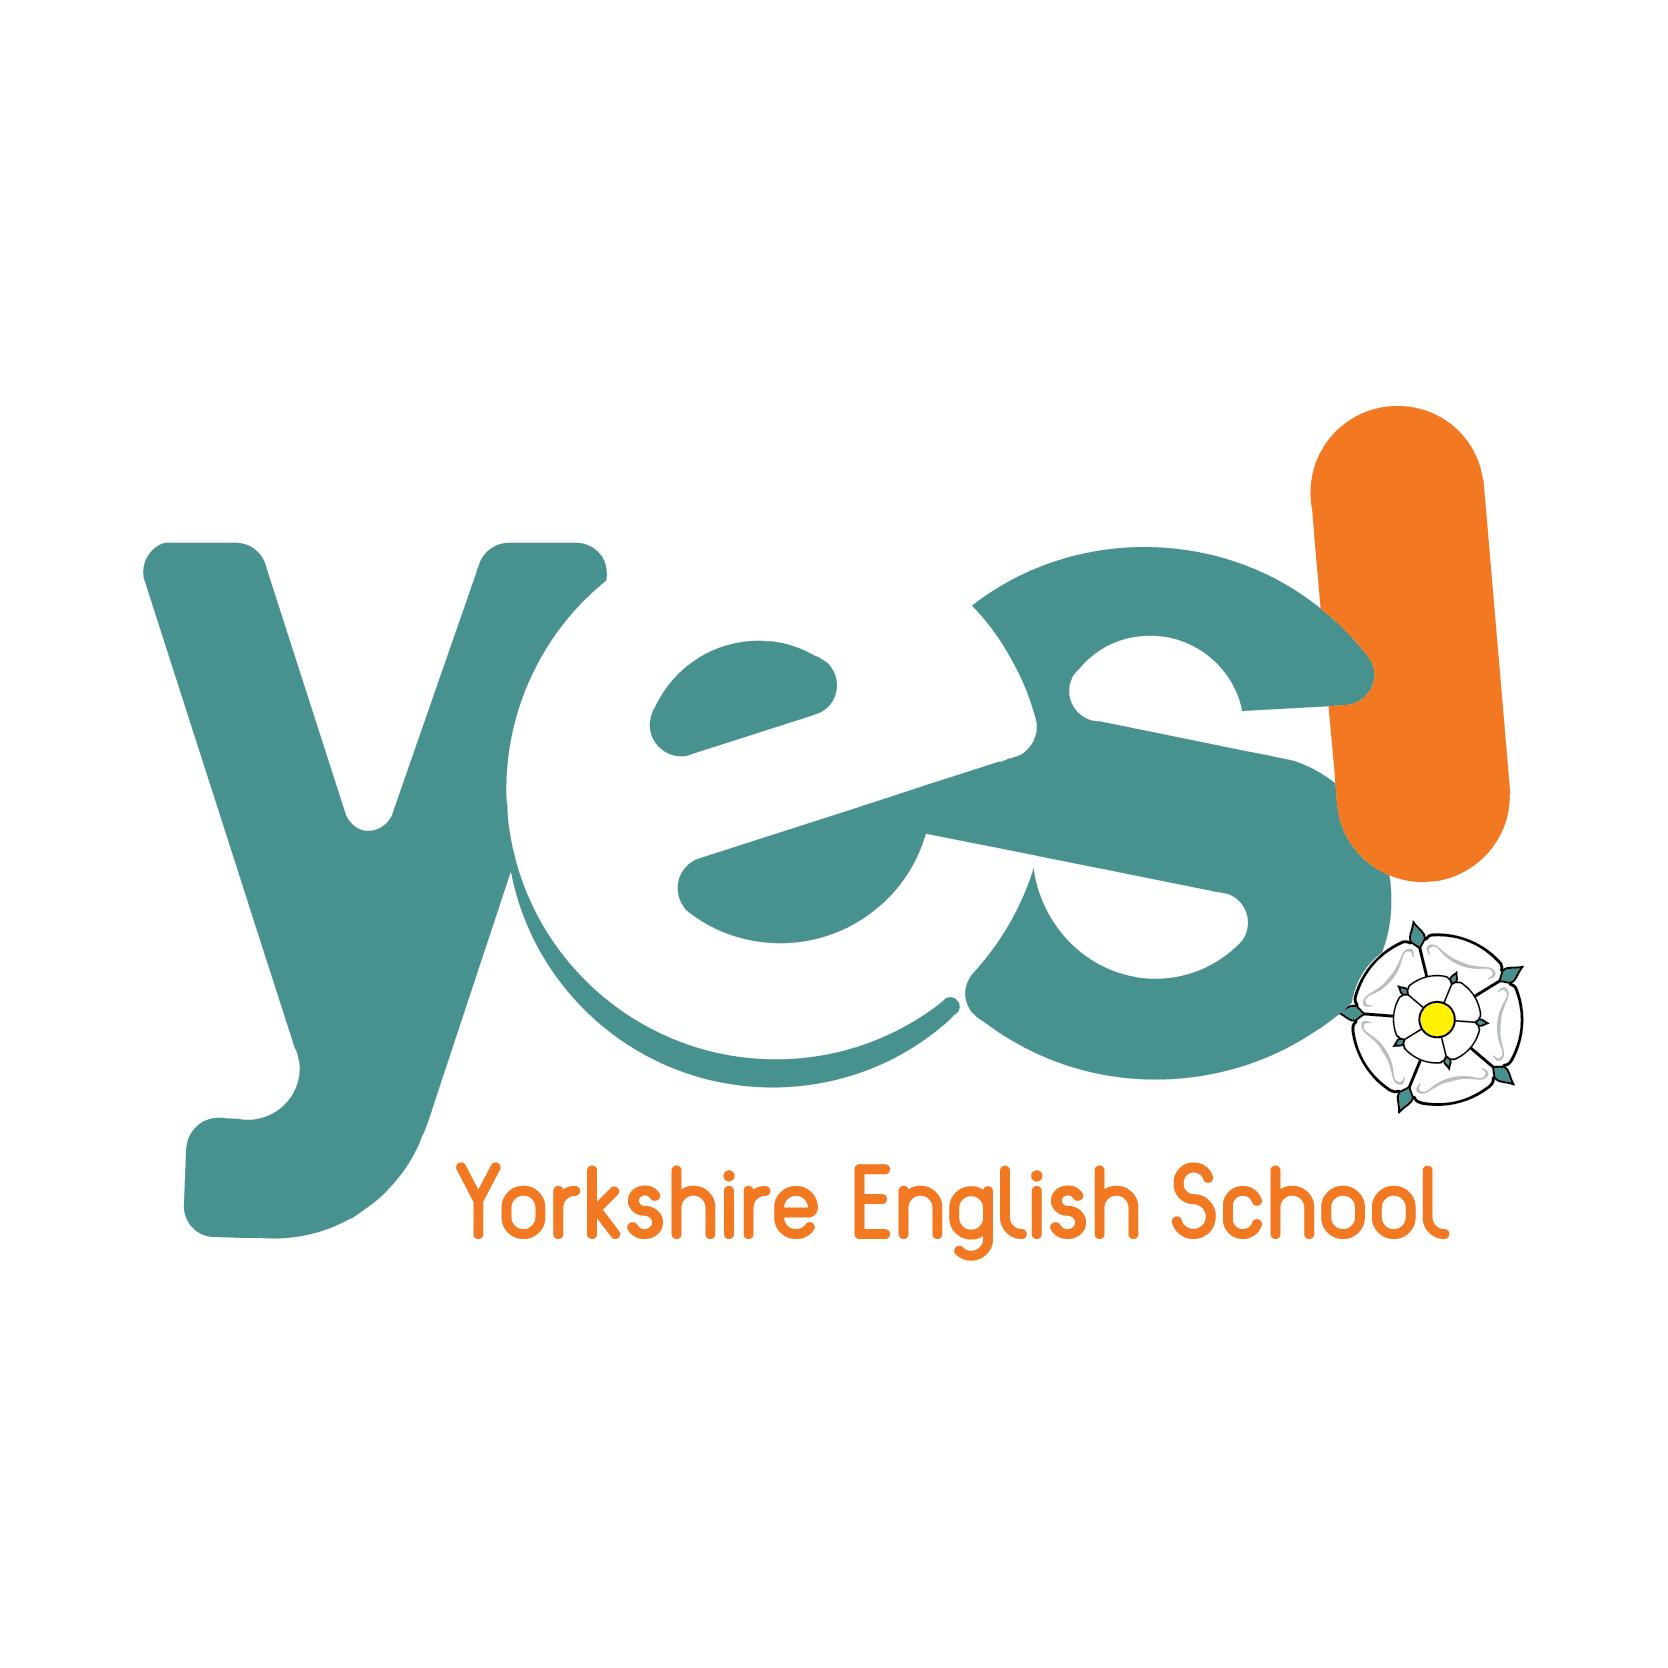 Yorkshire English School